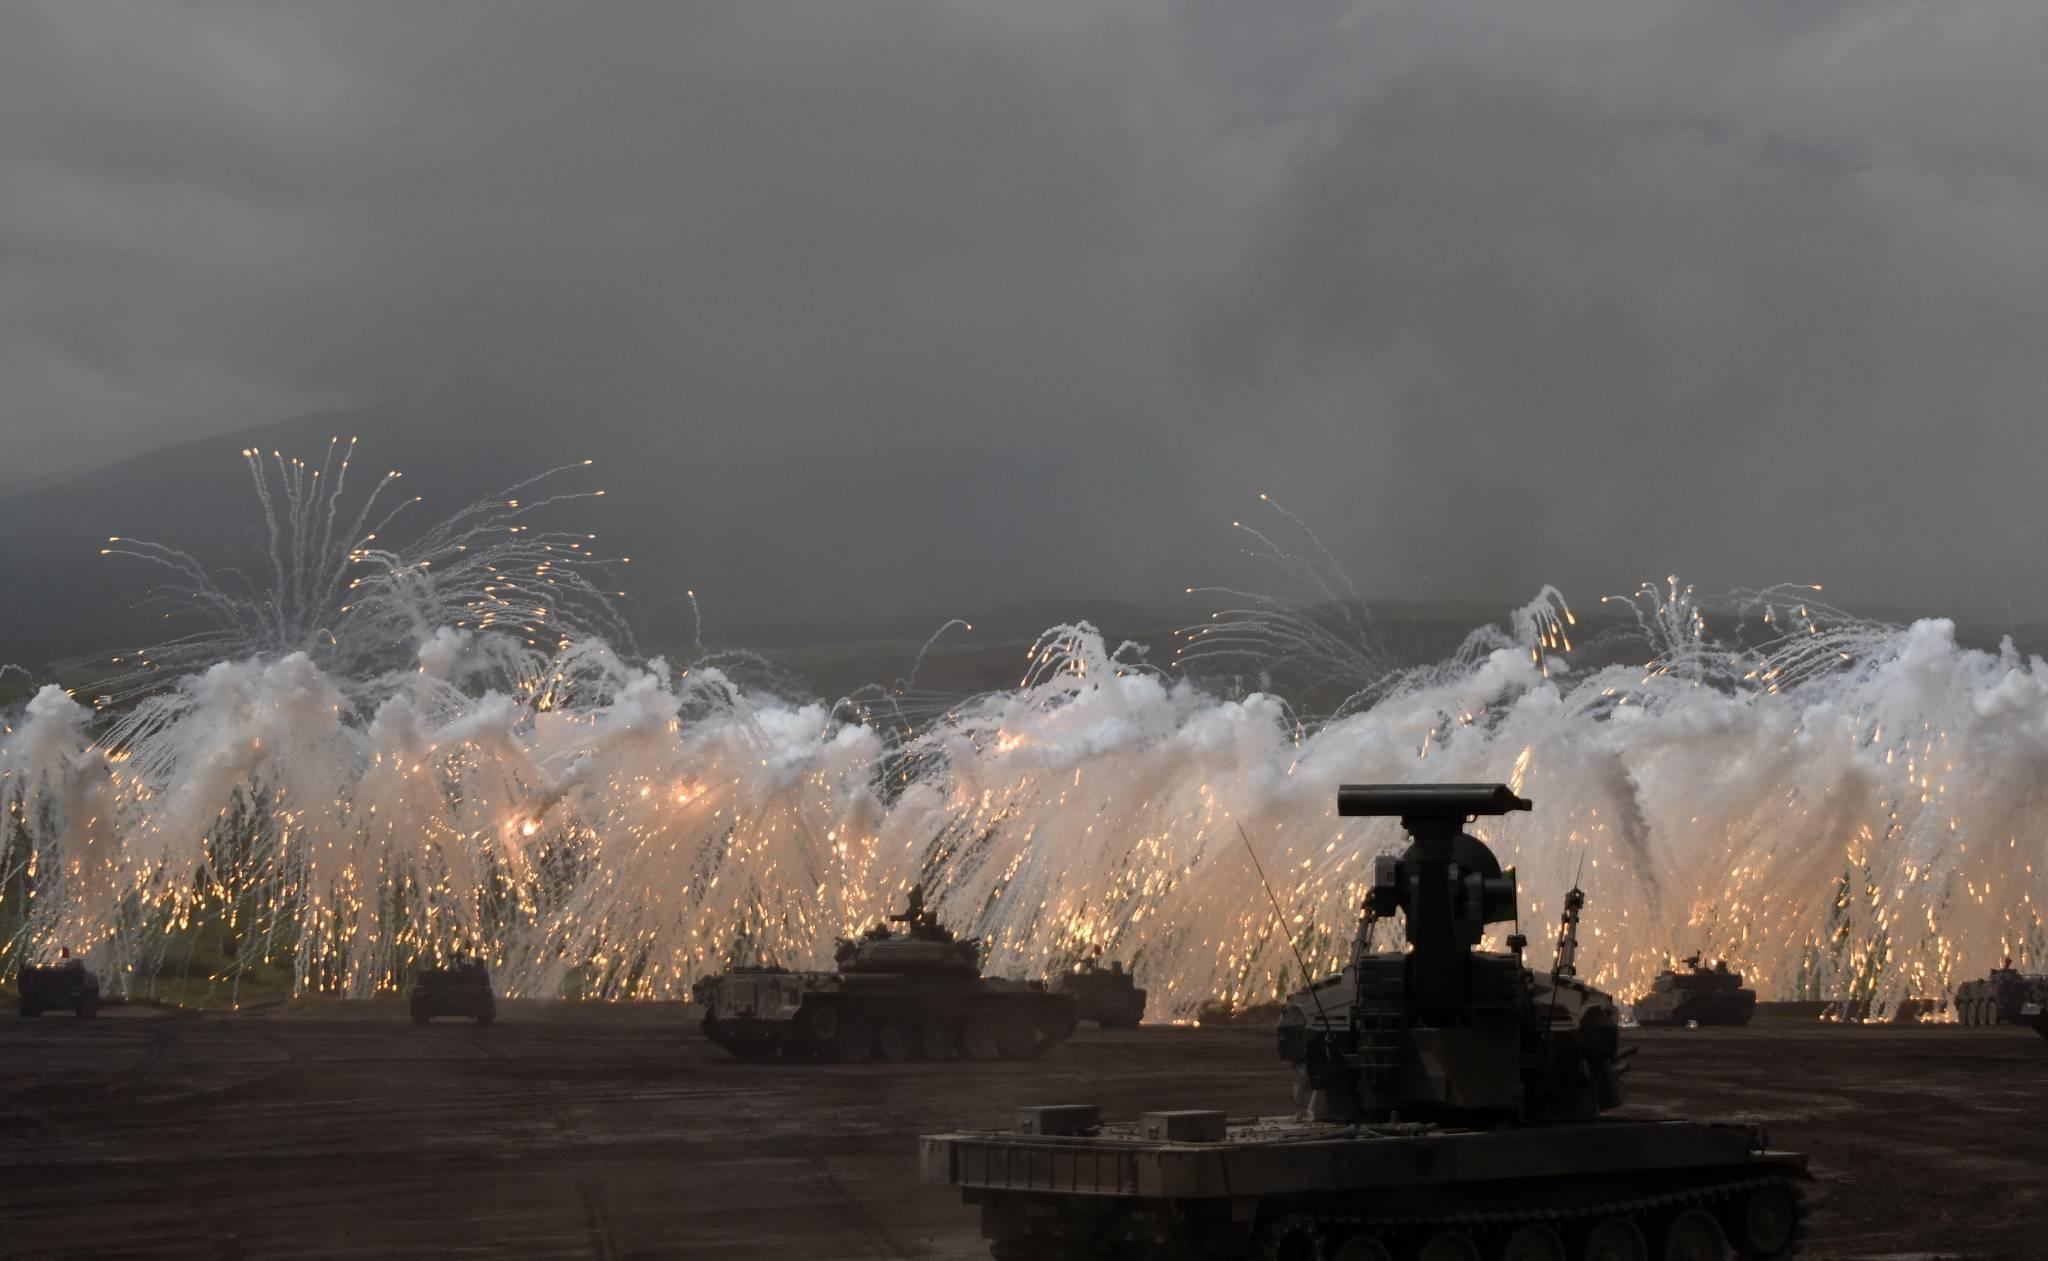 일본 자위대는 시즈오카현 고텐바시 히가시후지 훈련장에서 진행된 육상자위대의 대규모 화력훈련을 24일 언론에 공개했다. [고텐바 EPA=연합뉴스]